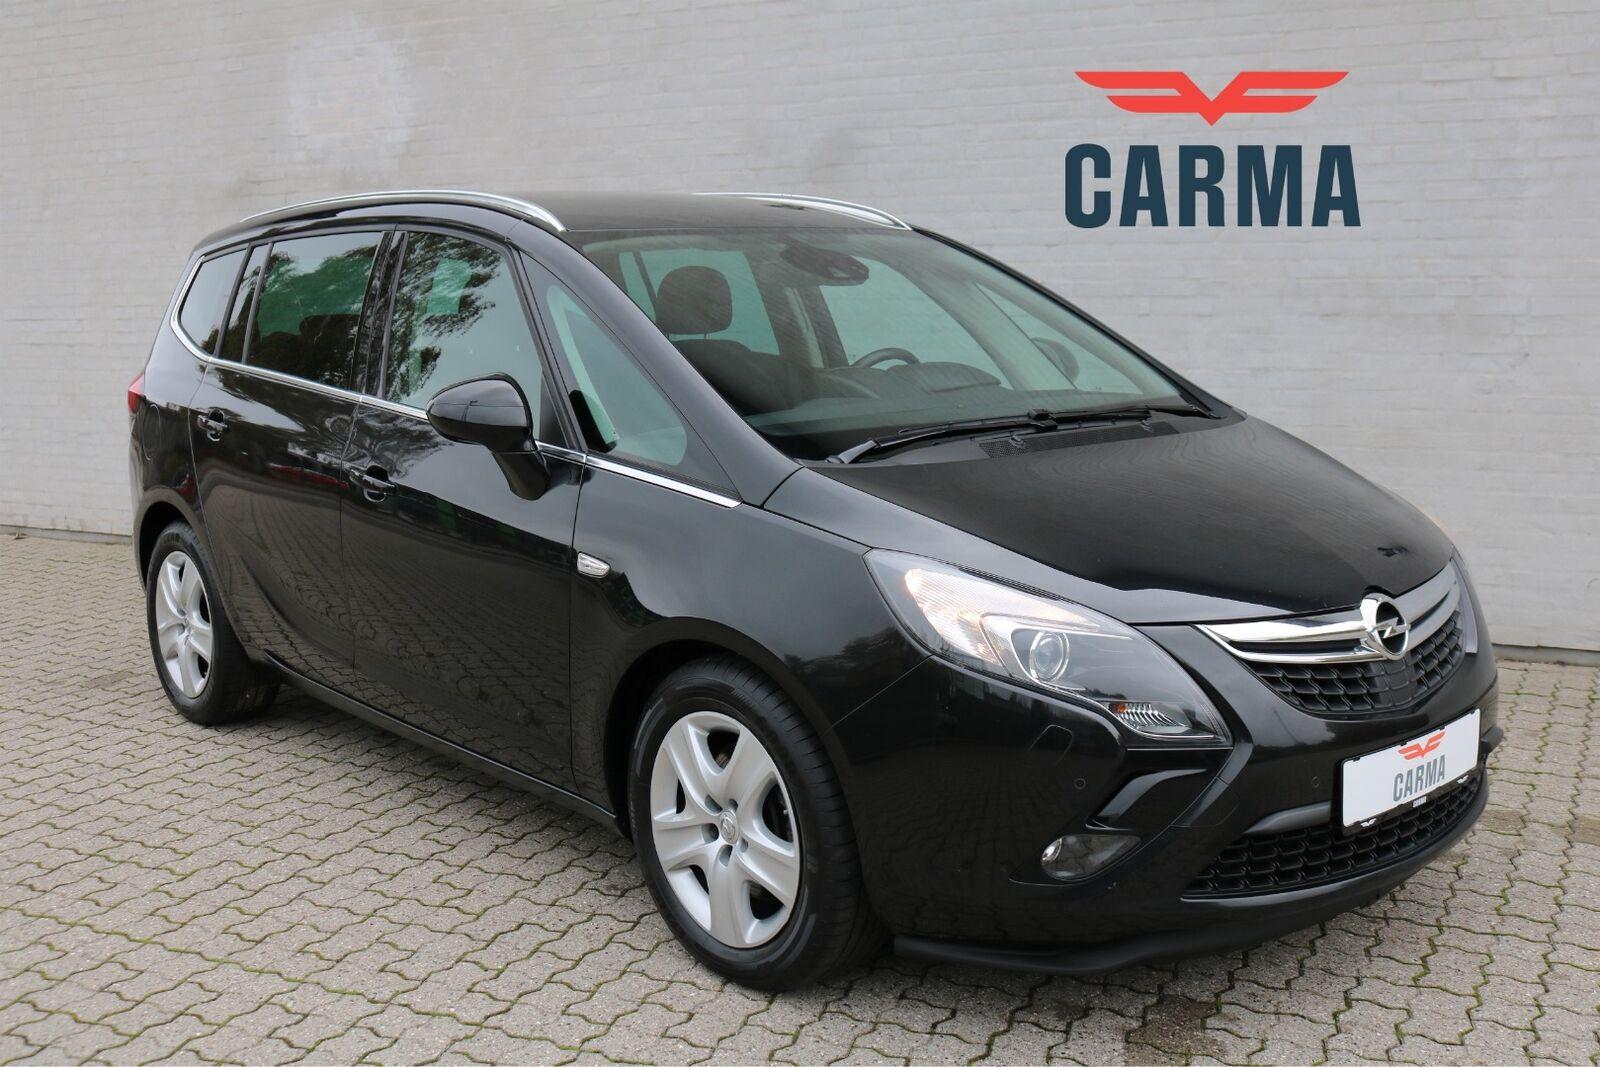 Opel Zafira Tourer 2,0 CDTi 170 Enjoy aut. 5d - 229.900 kr.